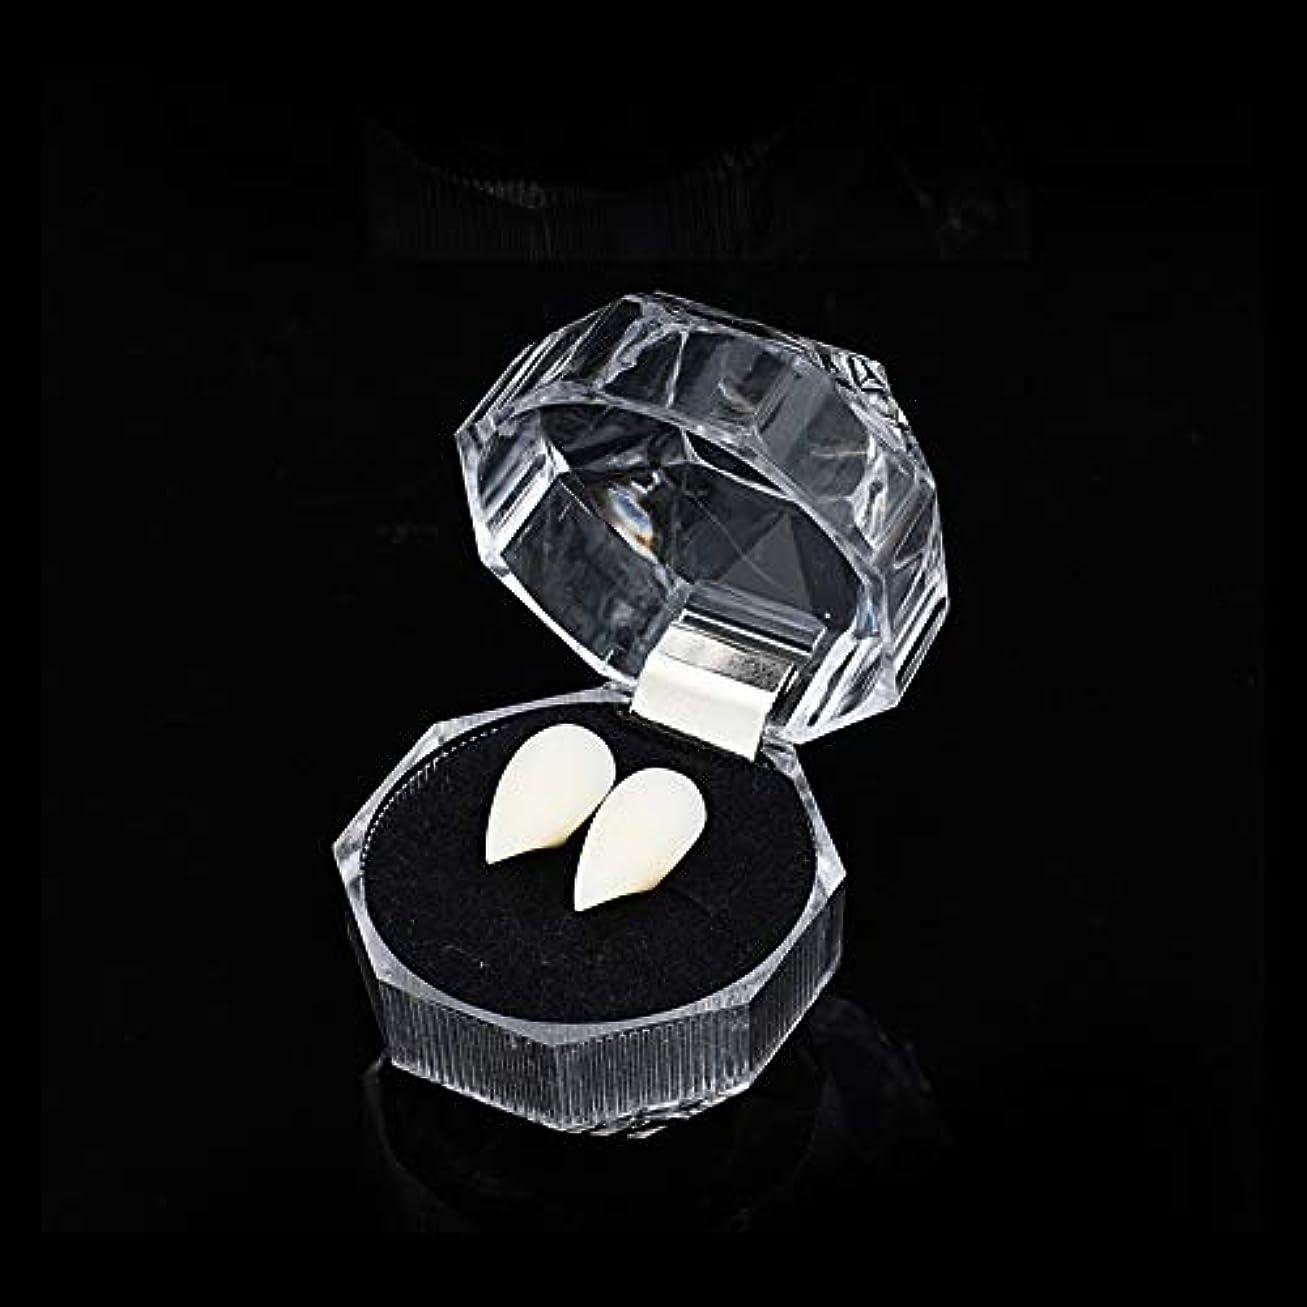 血色の良いサンプルチューインガム2ピースユニセックスハロウィーン義歯仮面舞踏会の小道具、ロールプレイング偽歯幽霊(13 mm、15 mm、17 mm、19 mm),17mm